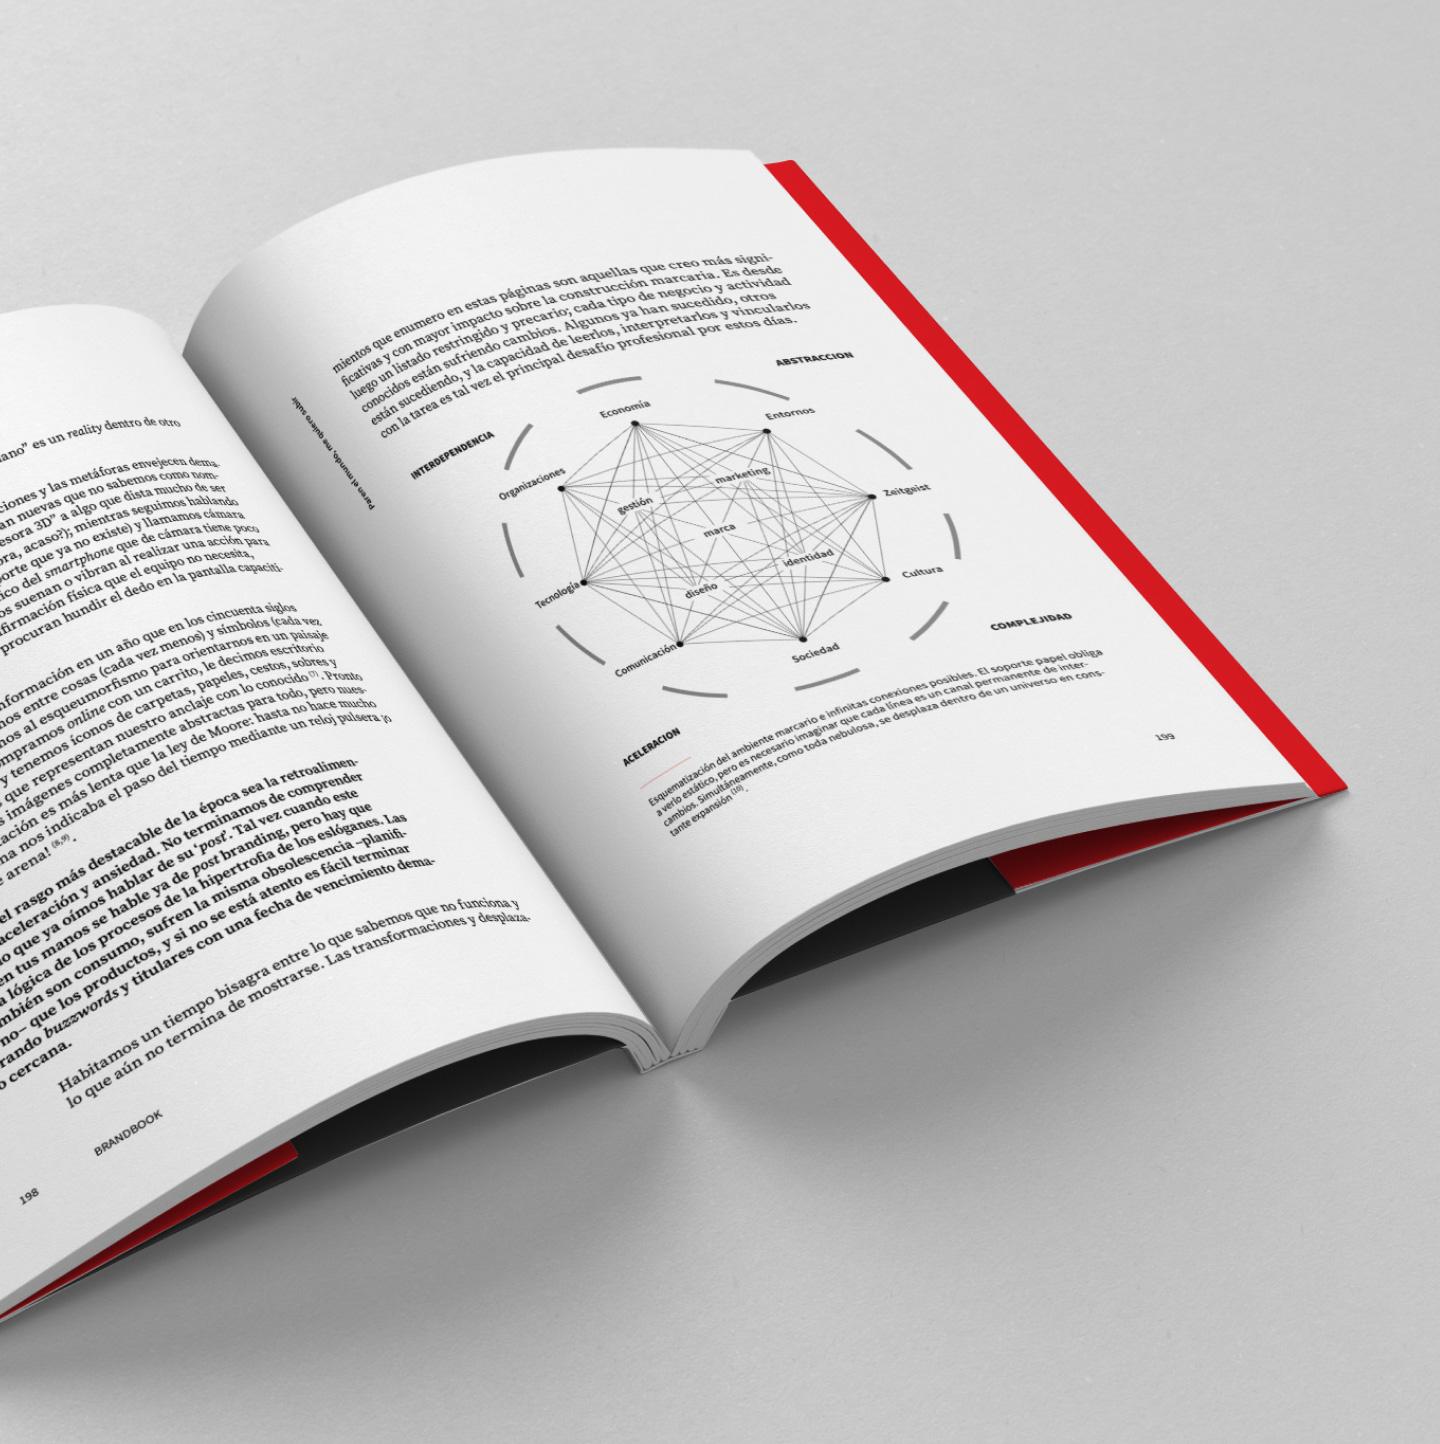 Guillermo Brea - Brandbook. Estrategia, diseño y gestión de marcas para comunicadores, diseñadores y managers